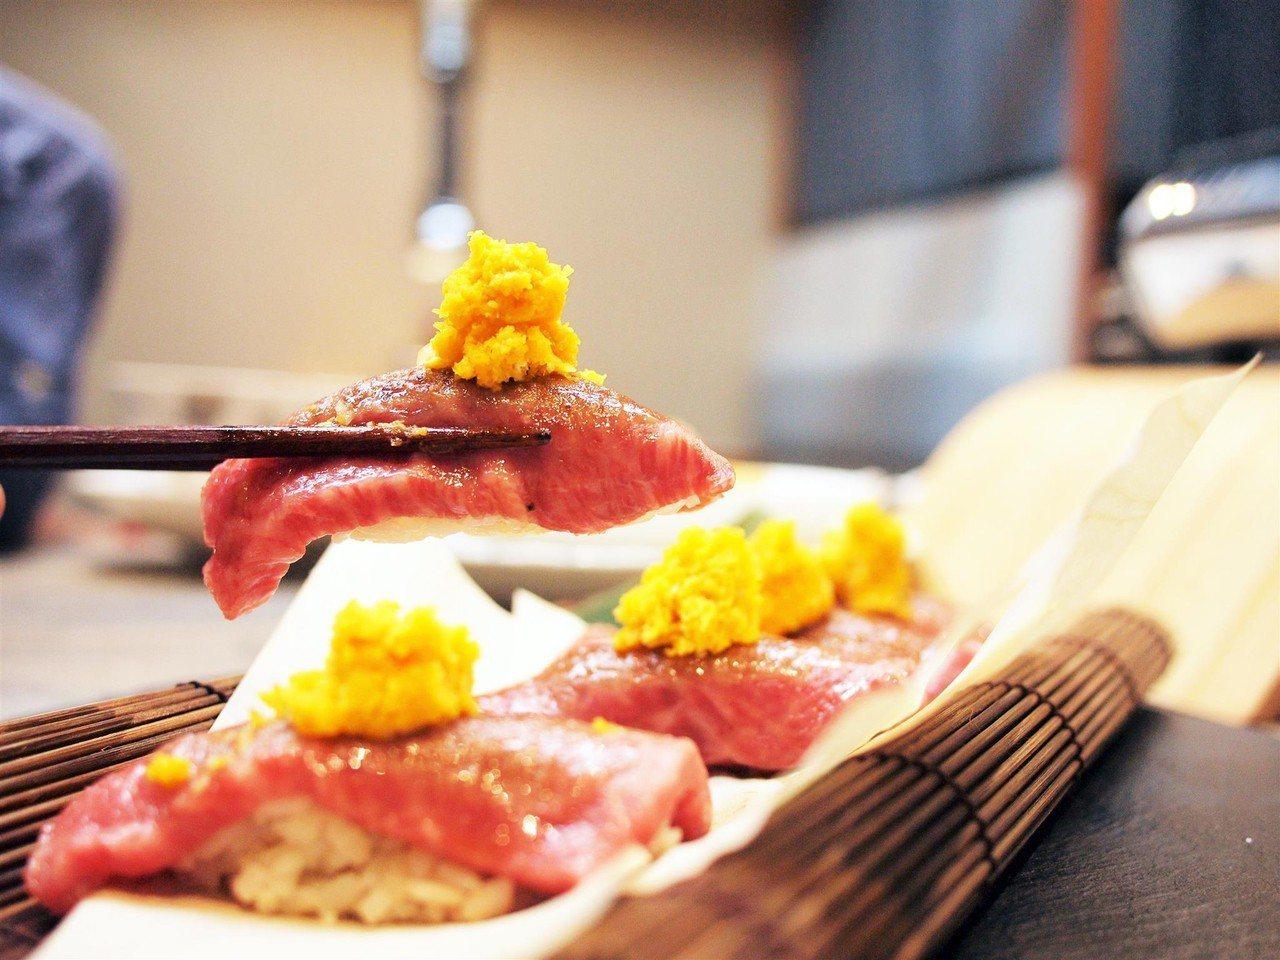 (圖/台灣旅行趣) ▲鹹蛋黃的香氣,與牛肉溫潤的口感融合在一起是絕配。